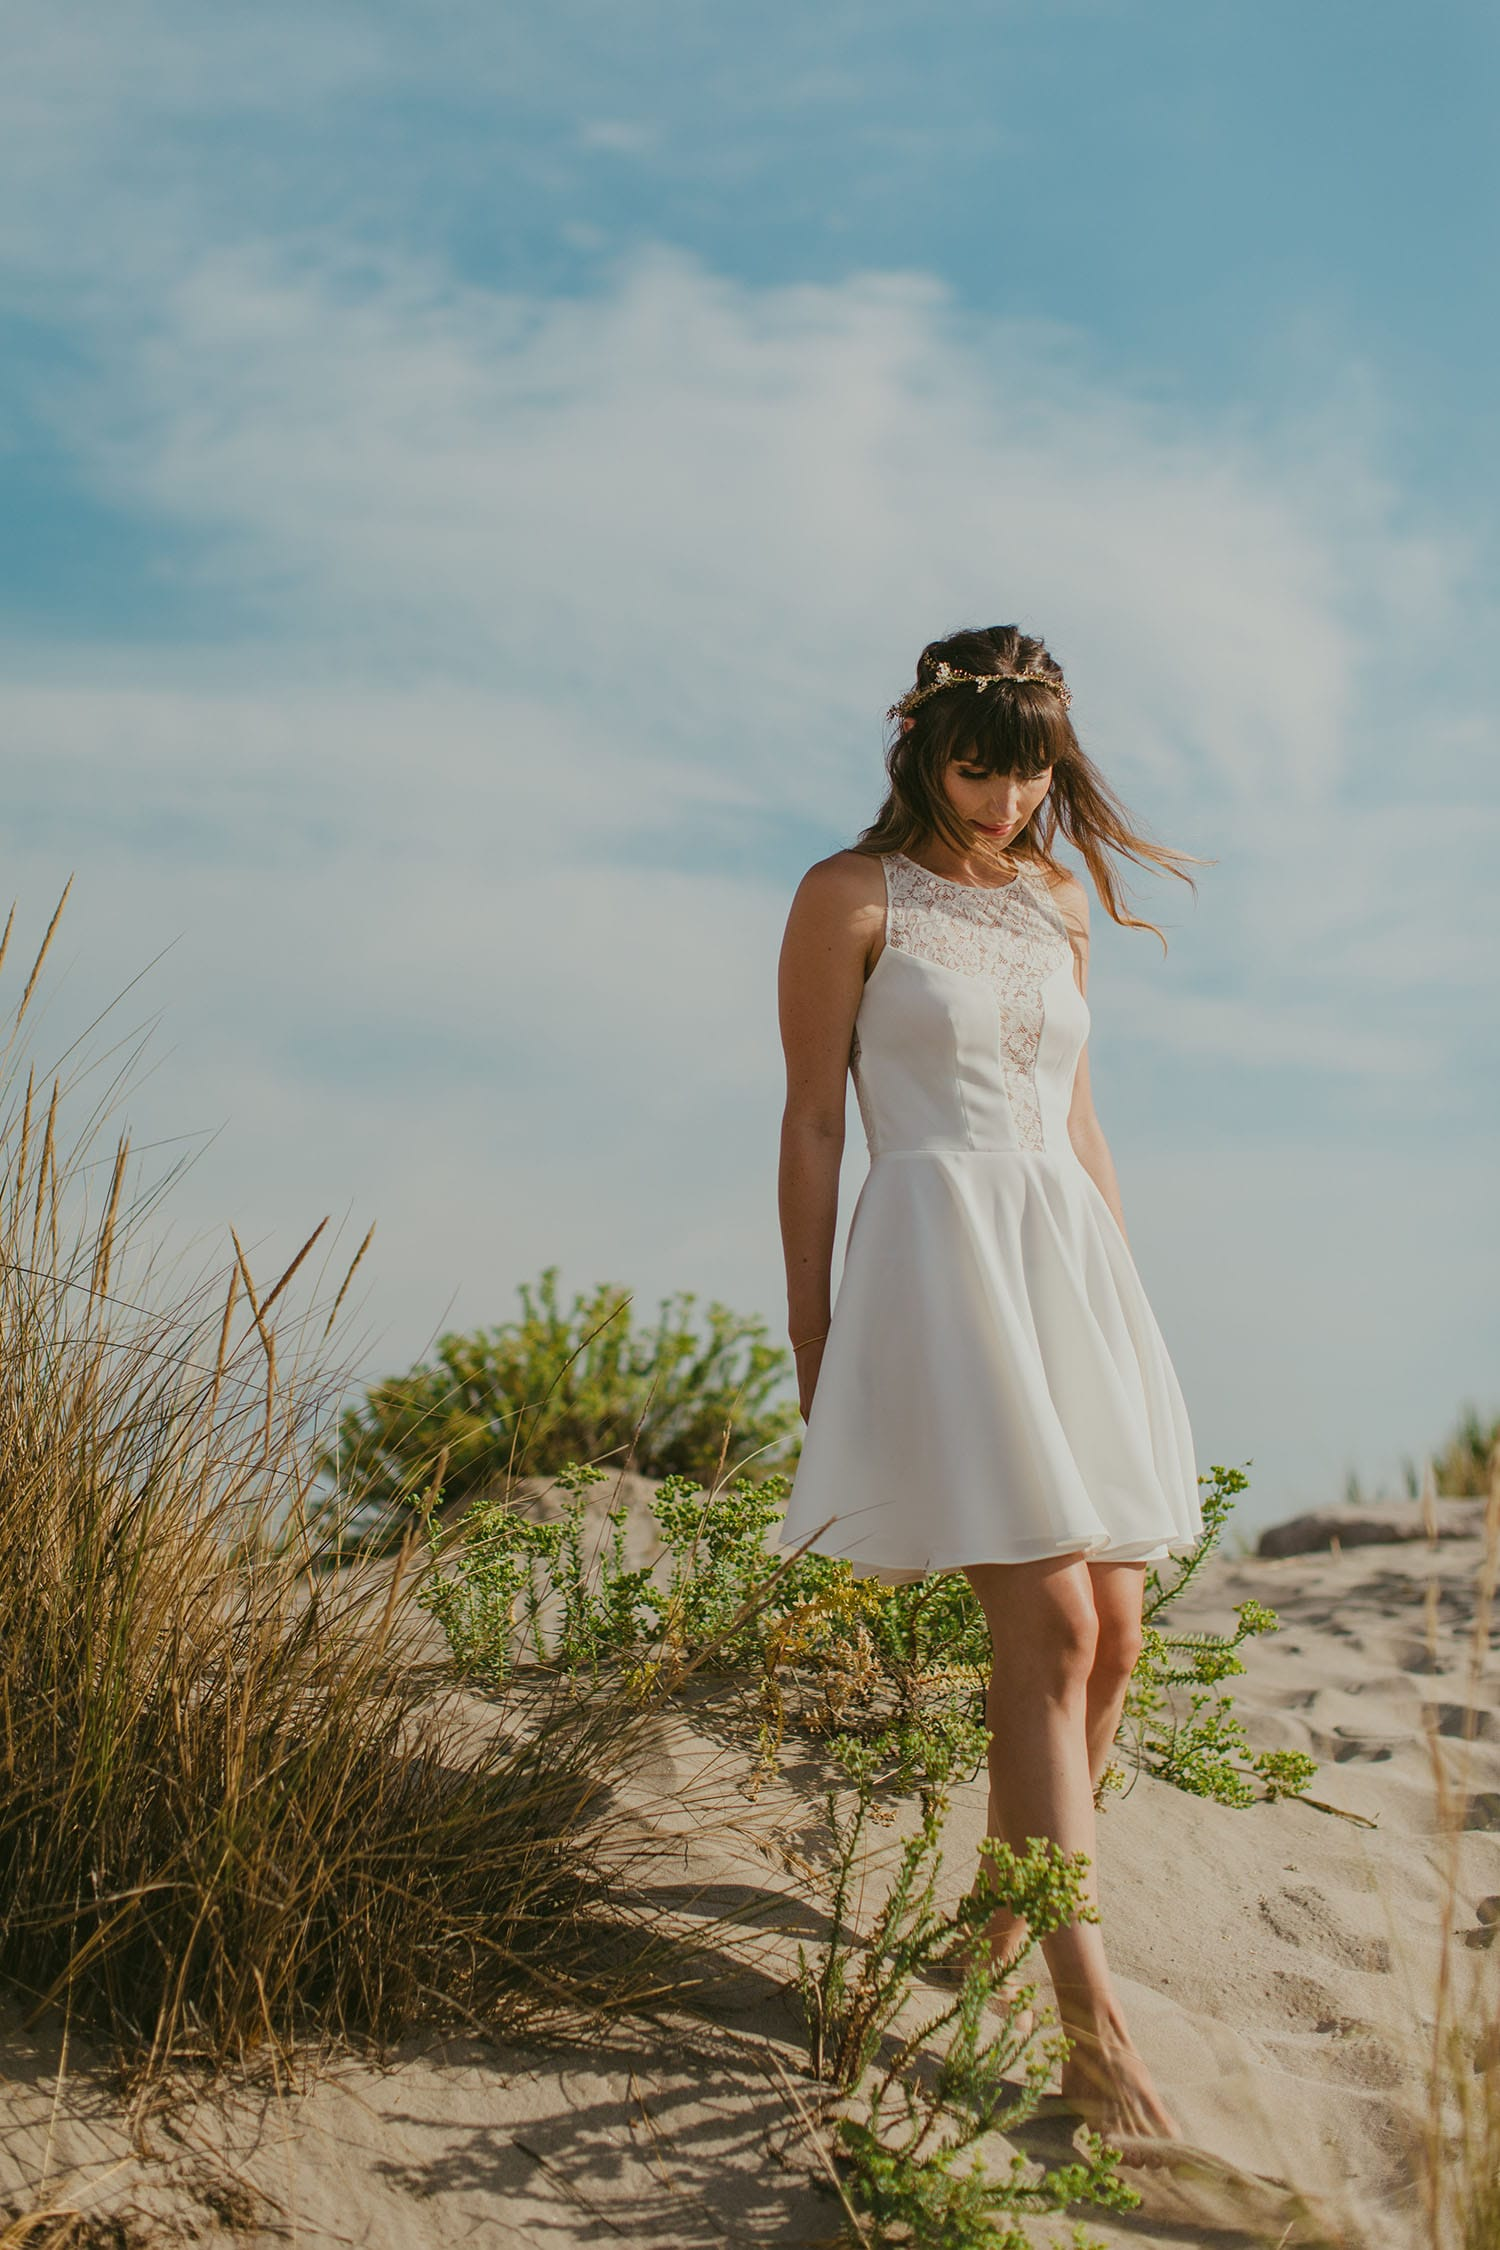 La Maison Dautel - Fleuriste de mariage - Blog mariage : La mariée aux pieds nus